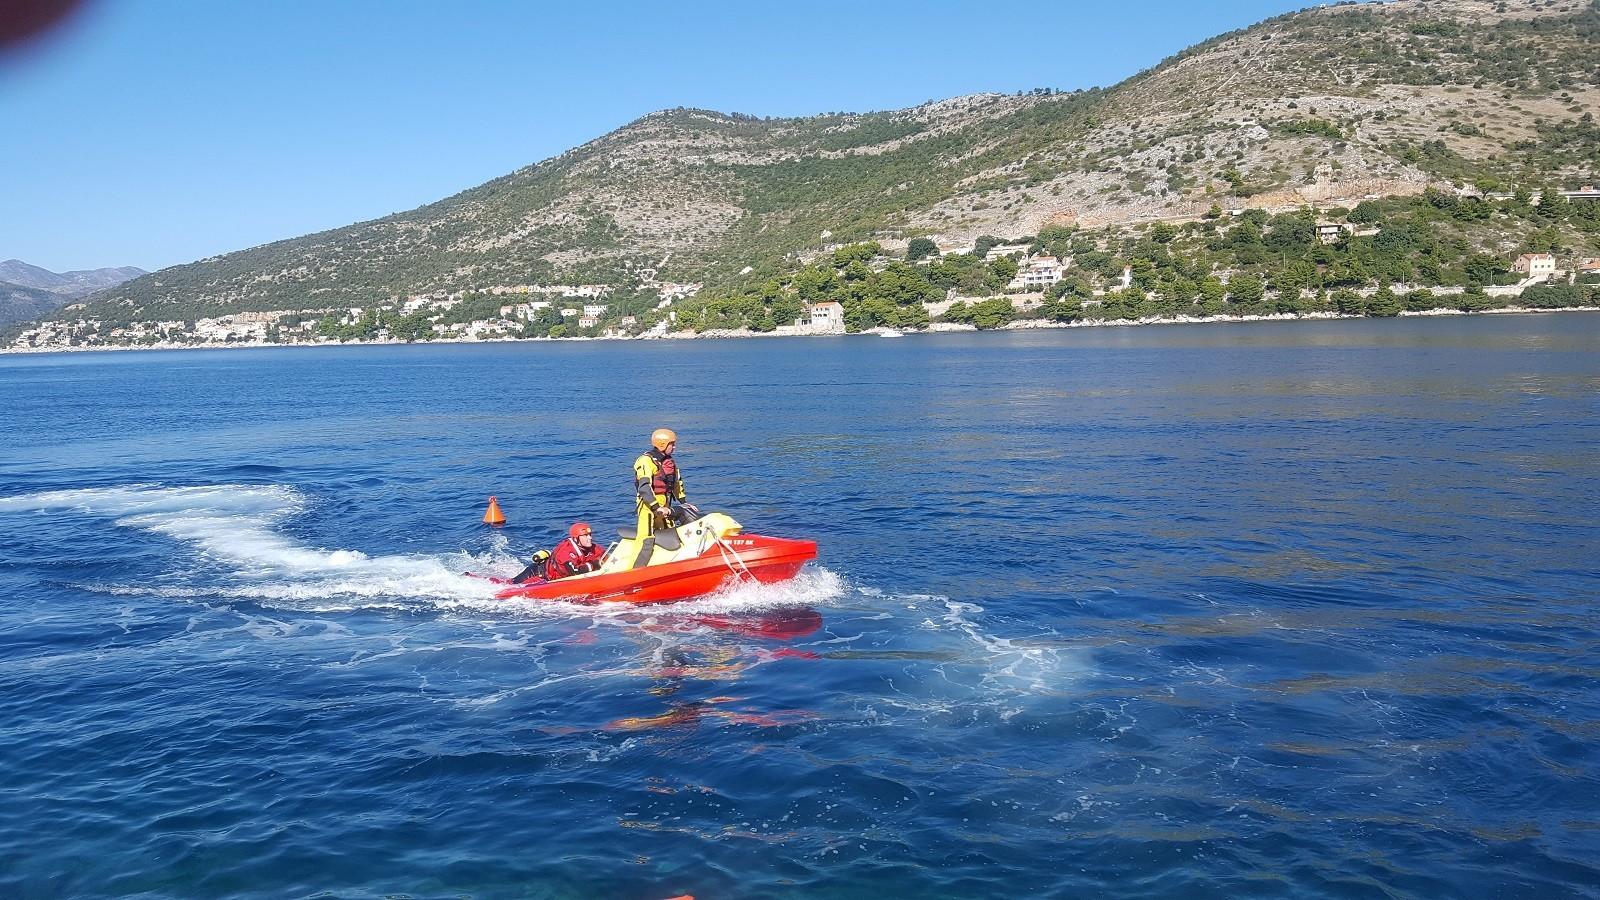 Donacijom Grada Dubrovnika nabavljeno specijalizirao plovilo za spašavanje na moru